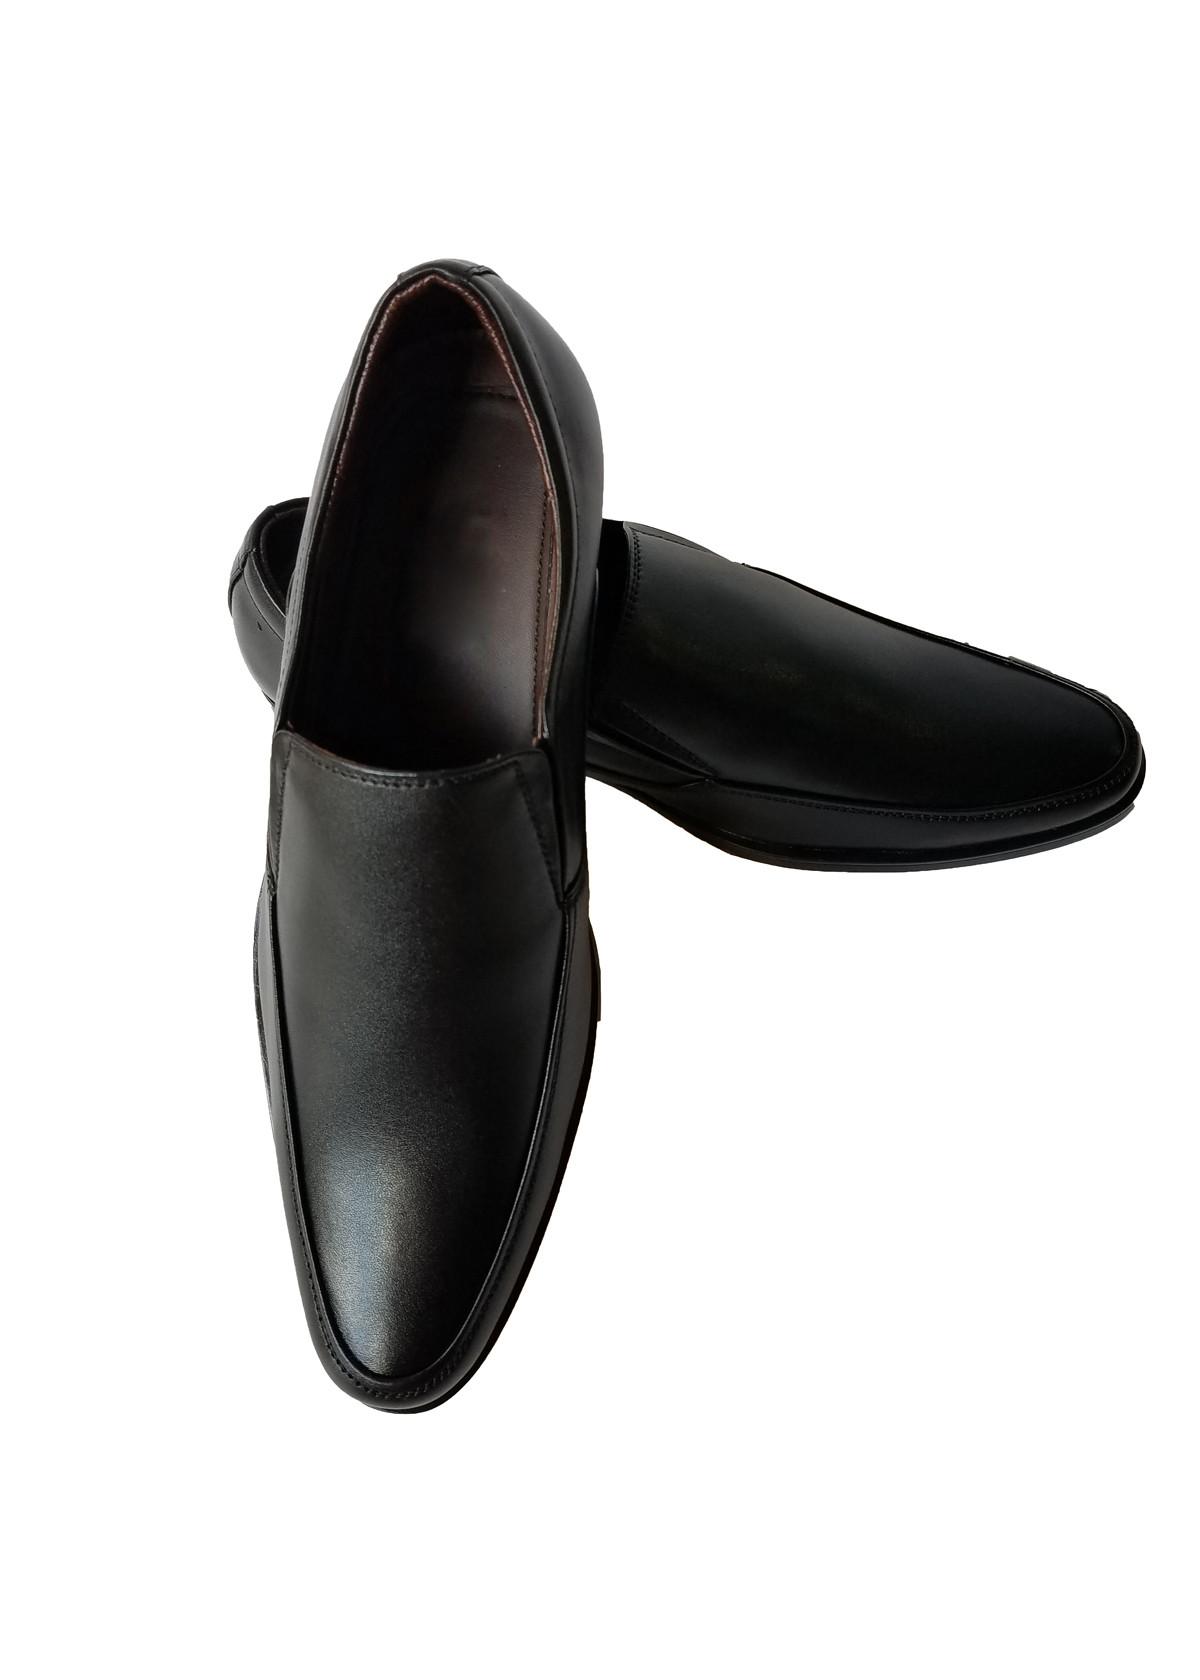 Giày Tây Nam Buộc Dây Thời Trang Công Sở Da Bò Thật Cao Cấp Đen Mờ Đế Cao Su Lót Da Đế May Phổ Biến Nhất 2020 Chỉ Dành Cho Nam GT12